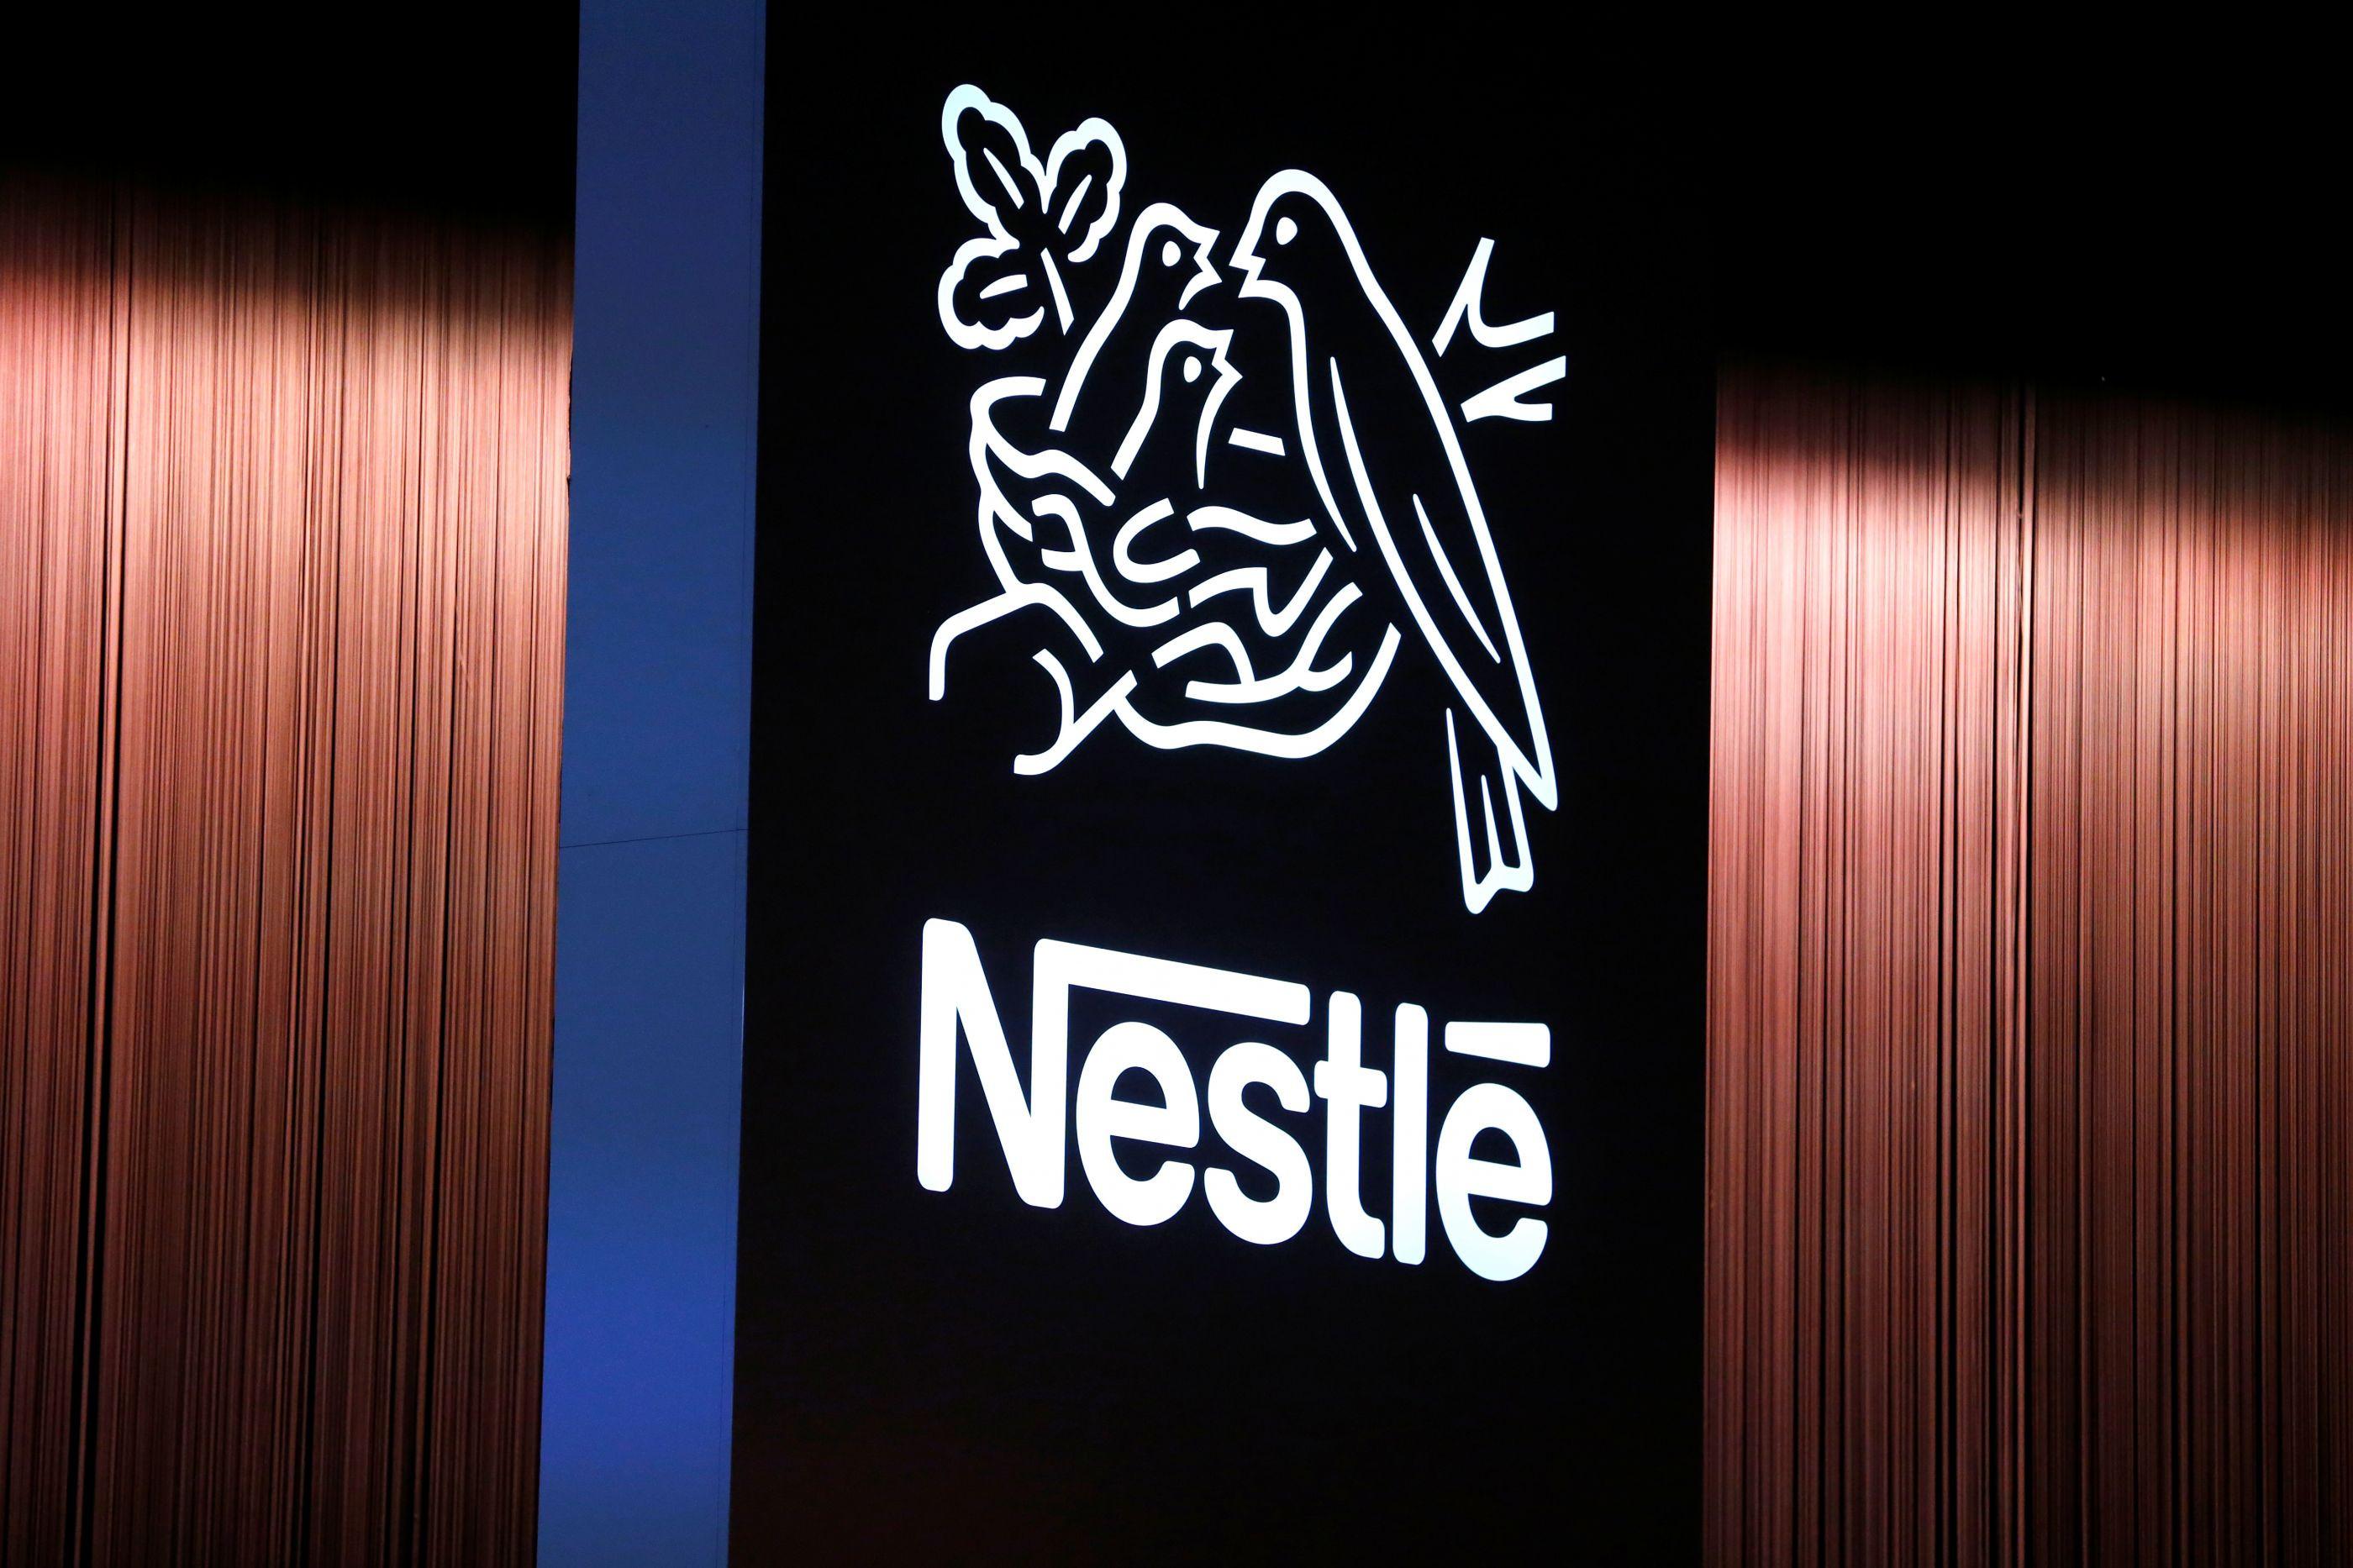 Nestlé está a contratar 100 pessoas para área de financeira e de gestão